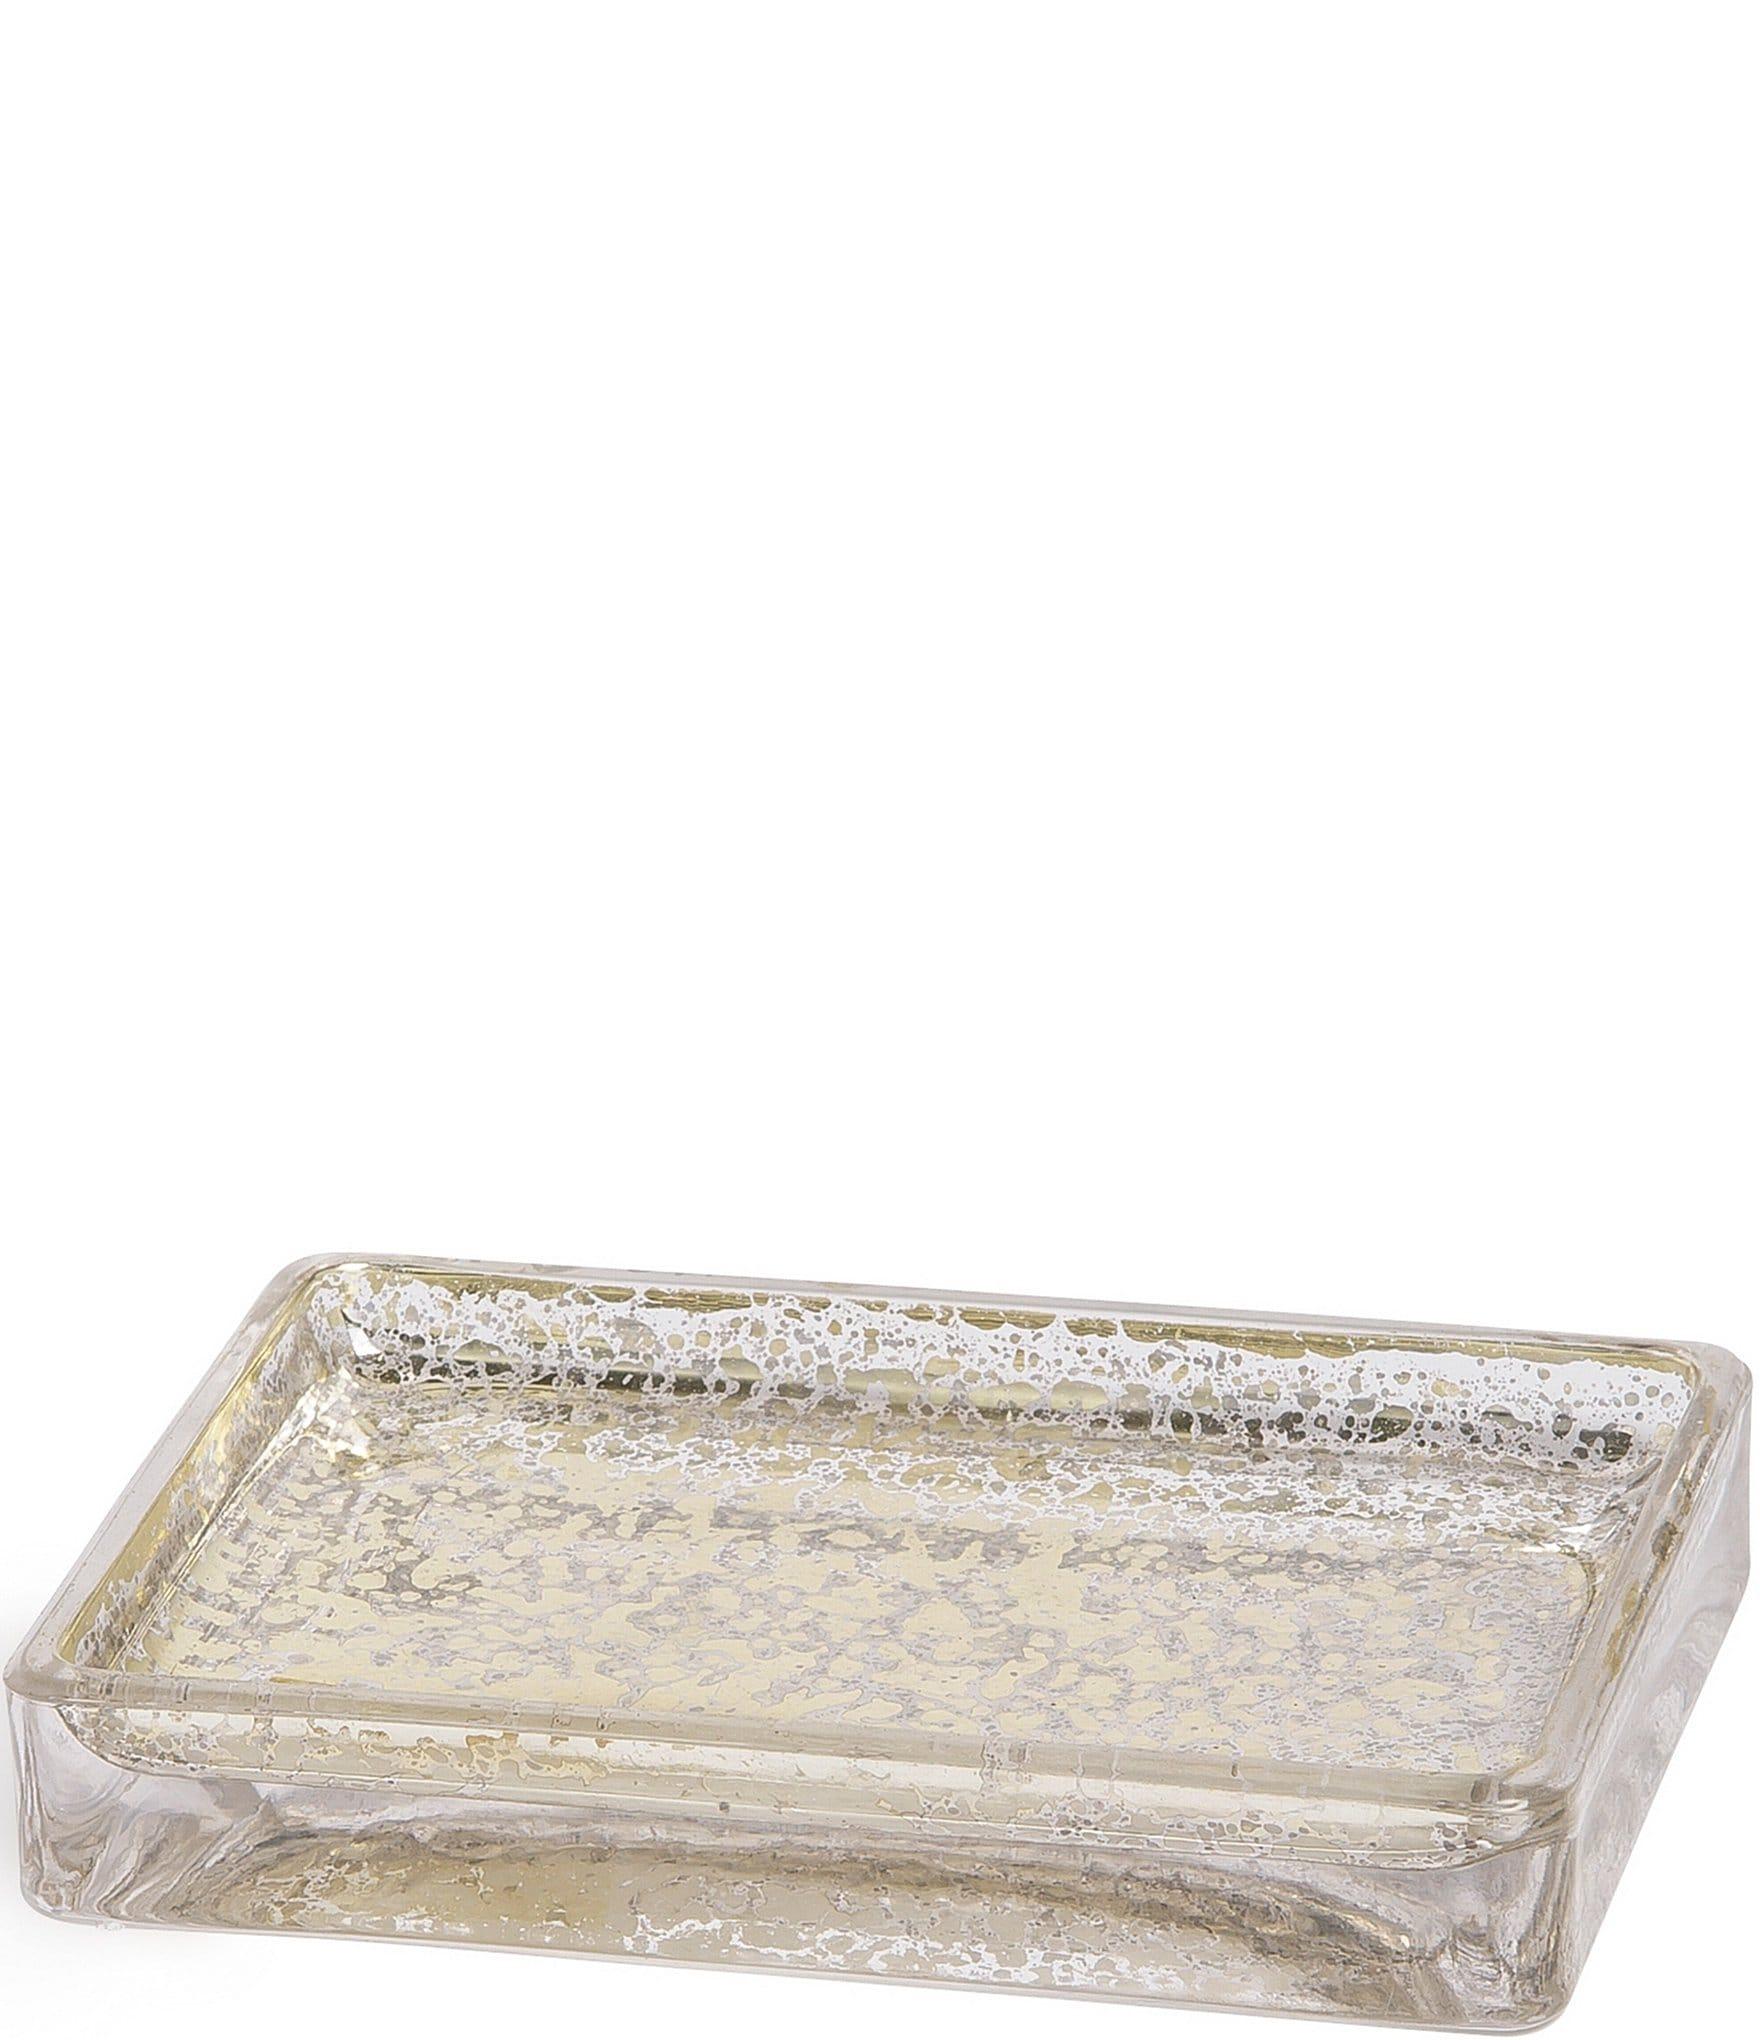 Kassatex vizcaya soap dish dillard 39 s - Dillards bathroom accessories sets ...